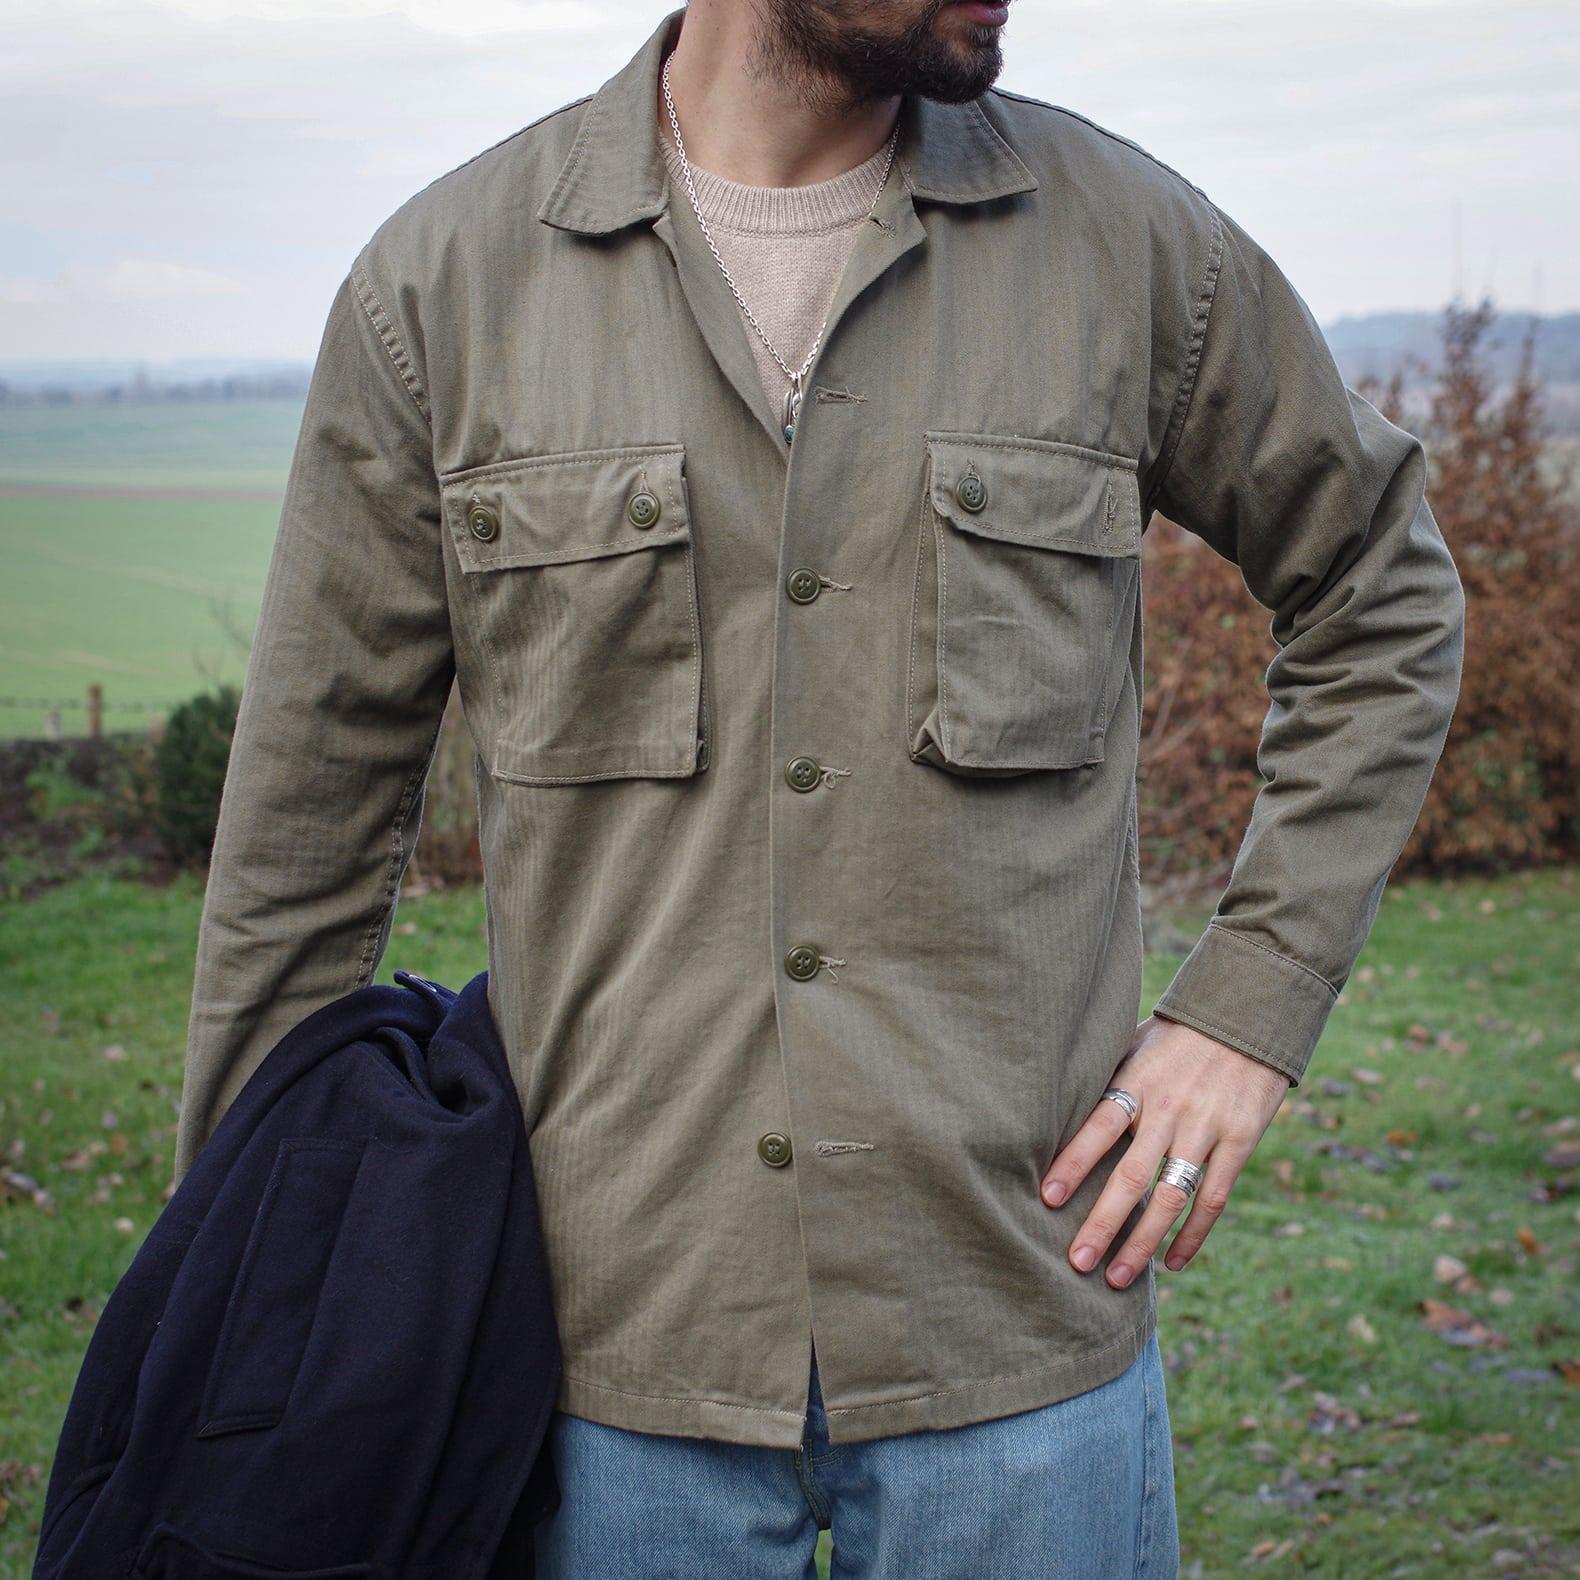 chemise militaire en coton HBT olive marque Arashi denim modèle CISO